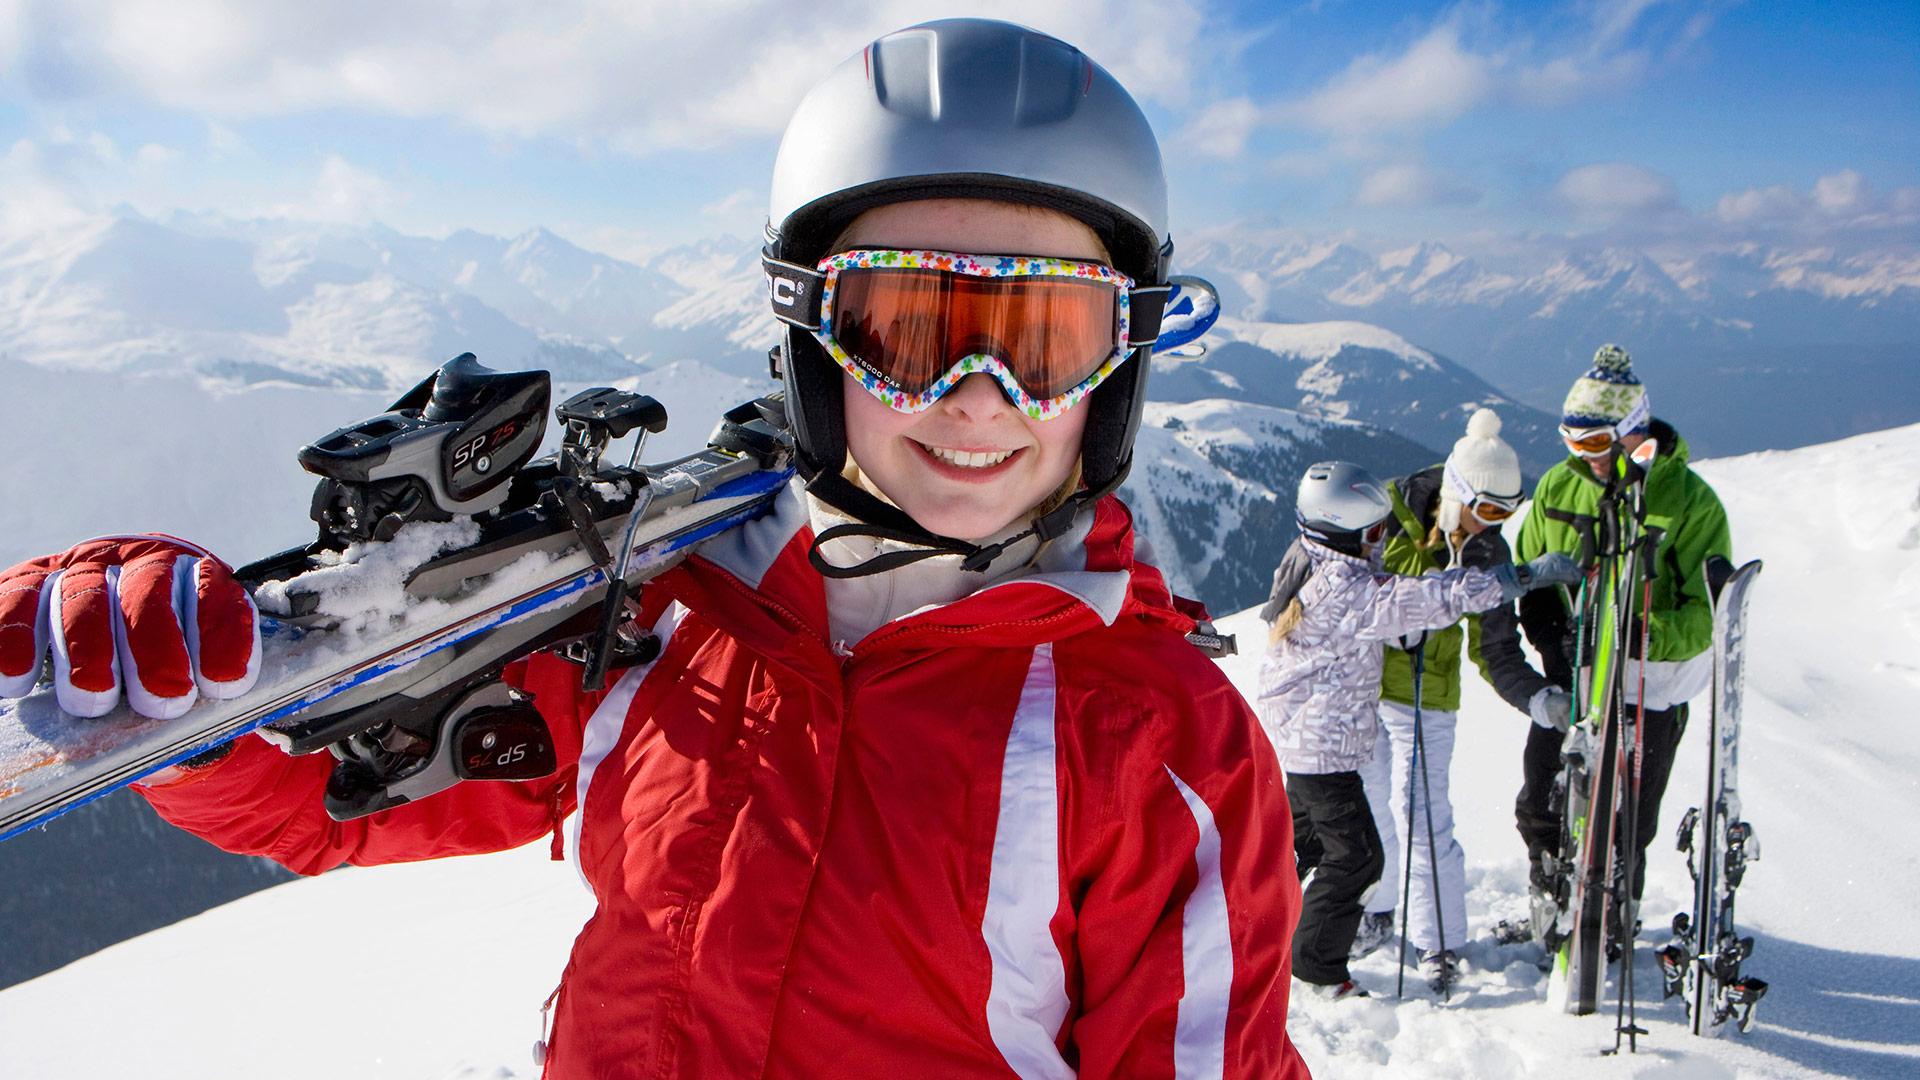 Guide pour votre séjour au ski - Matériel de ski - CGH Résidences